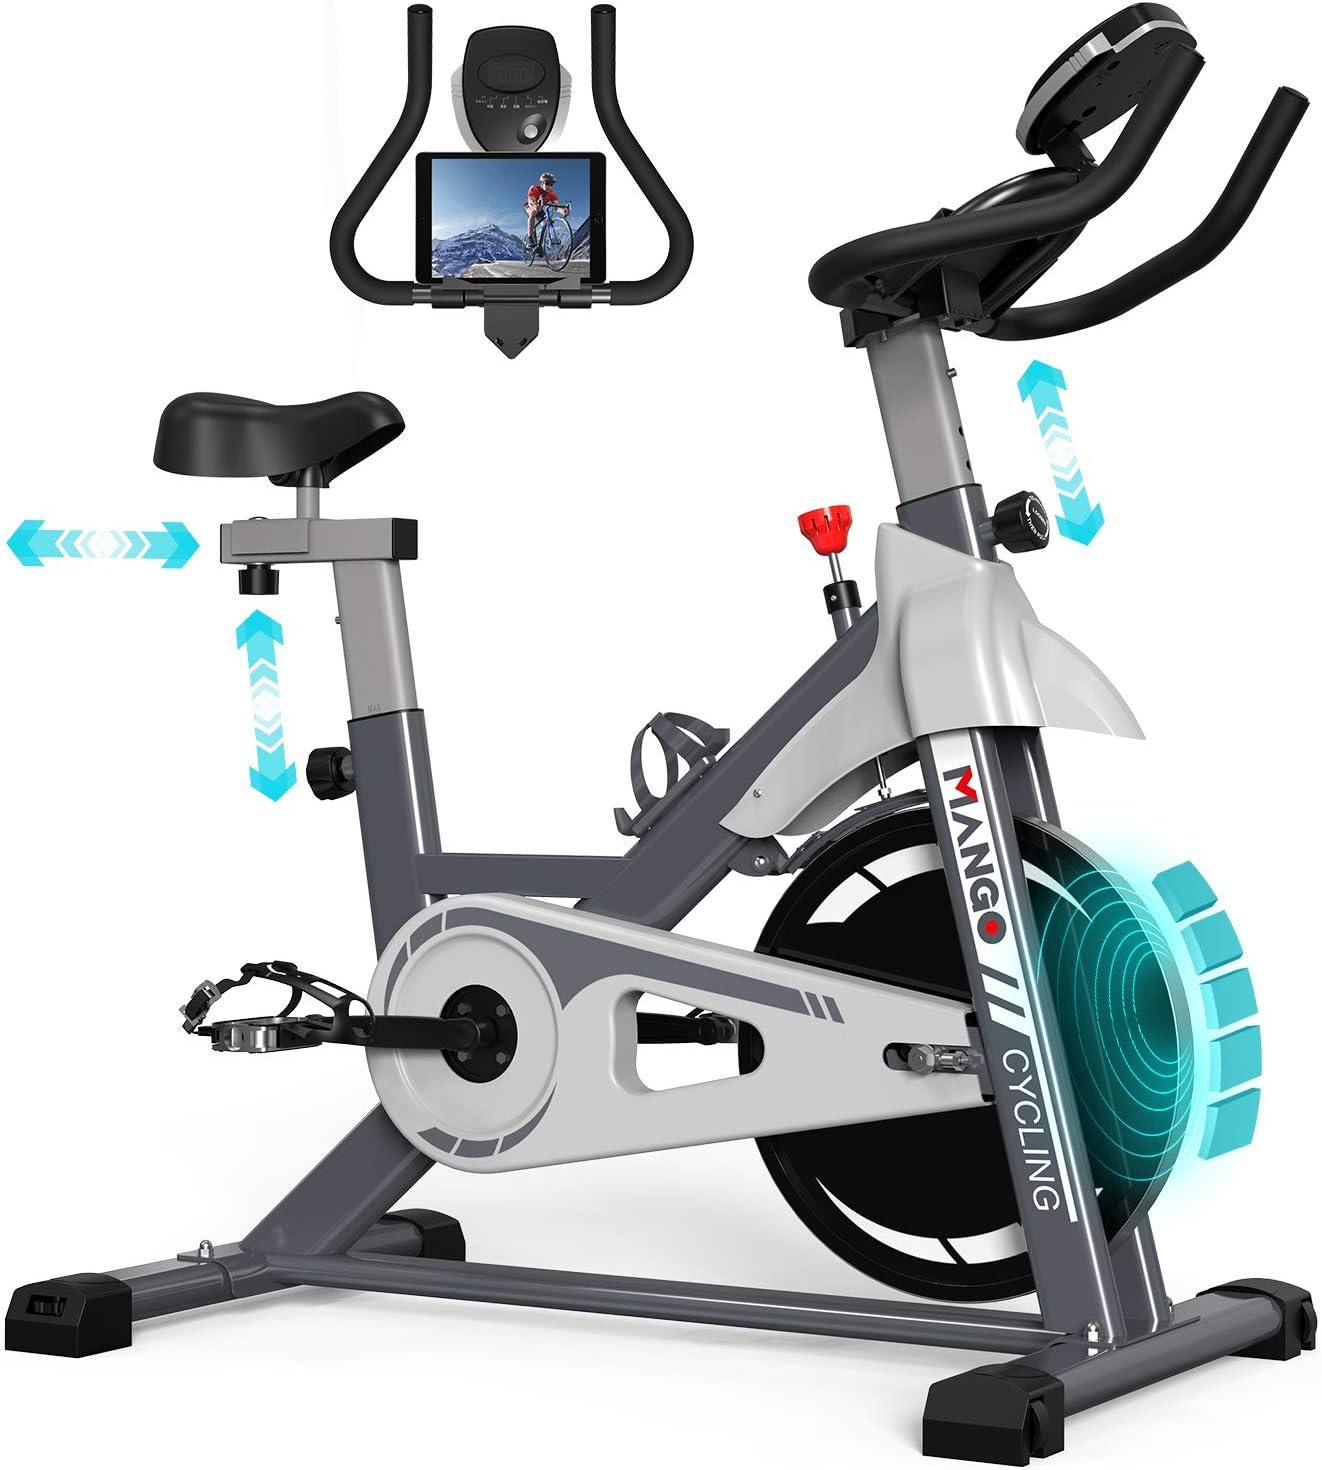 本格トレーニングスピンバイク 静音 負荷無段階 ハンドル&サドル調節可能